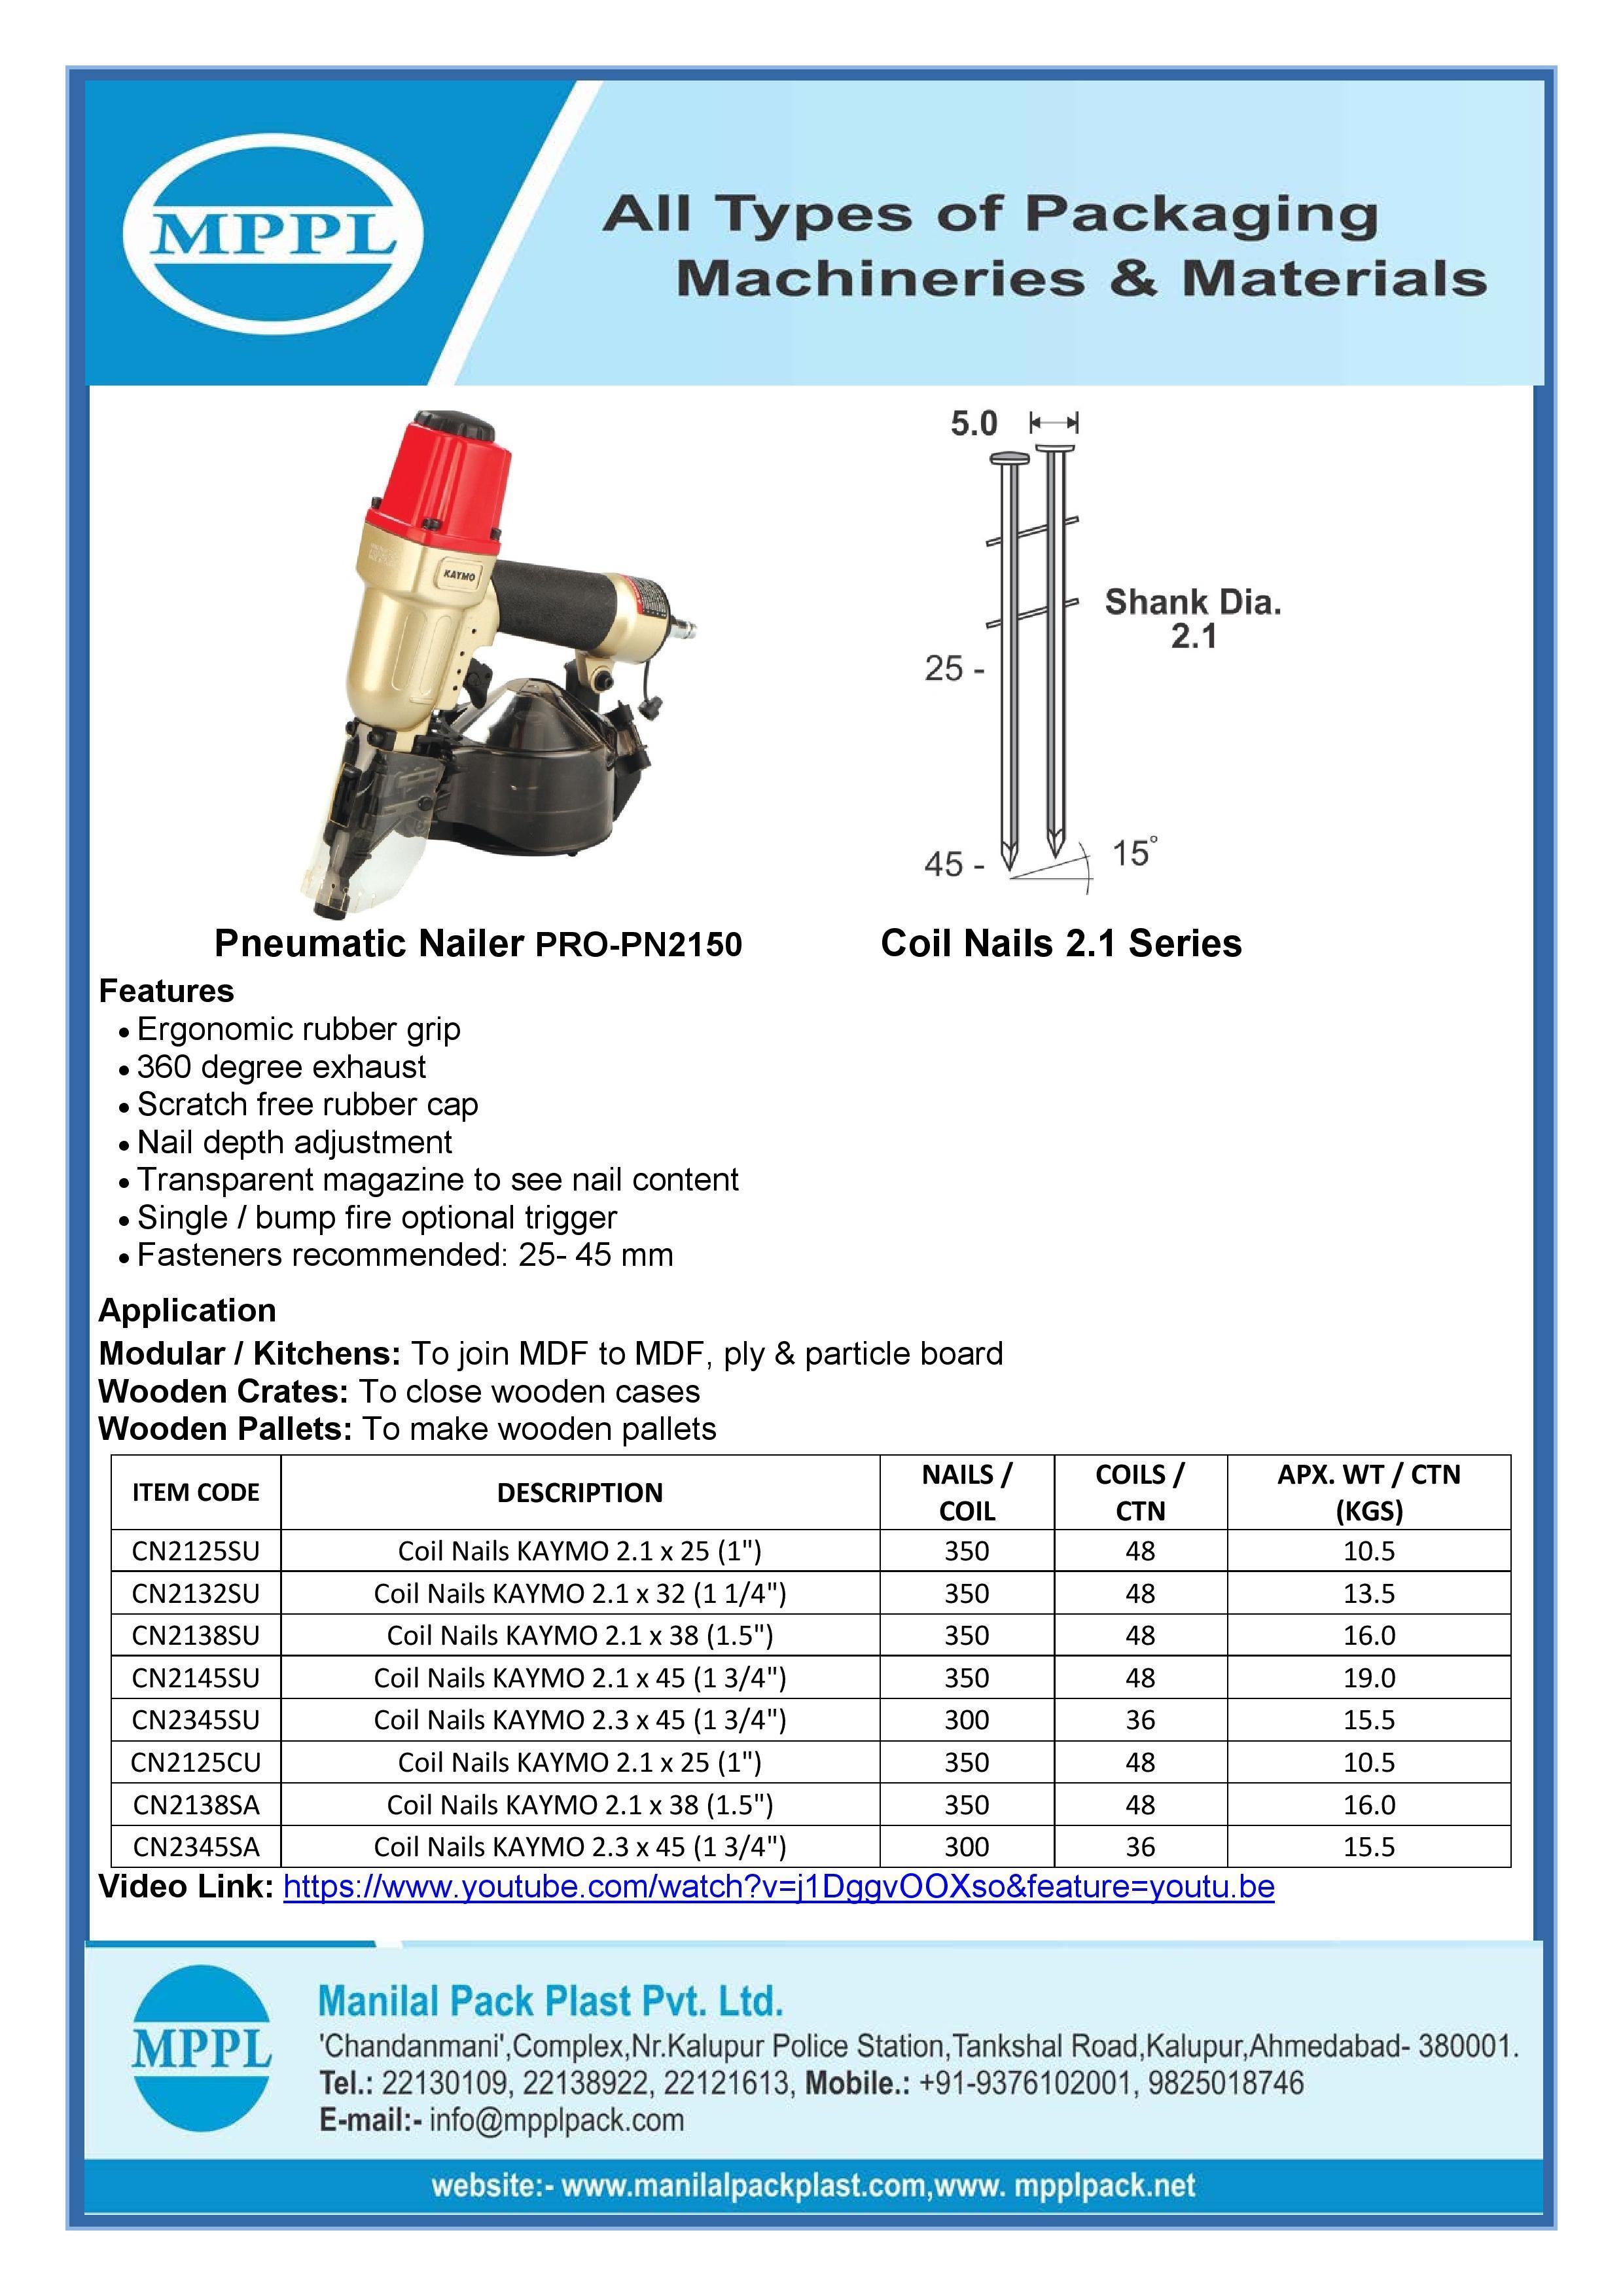 Pneumatic Nailer PRO-PN2150